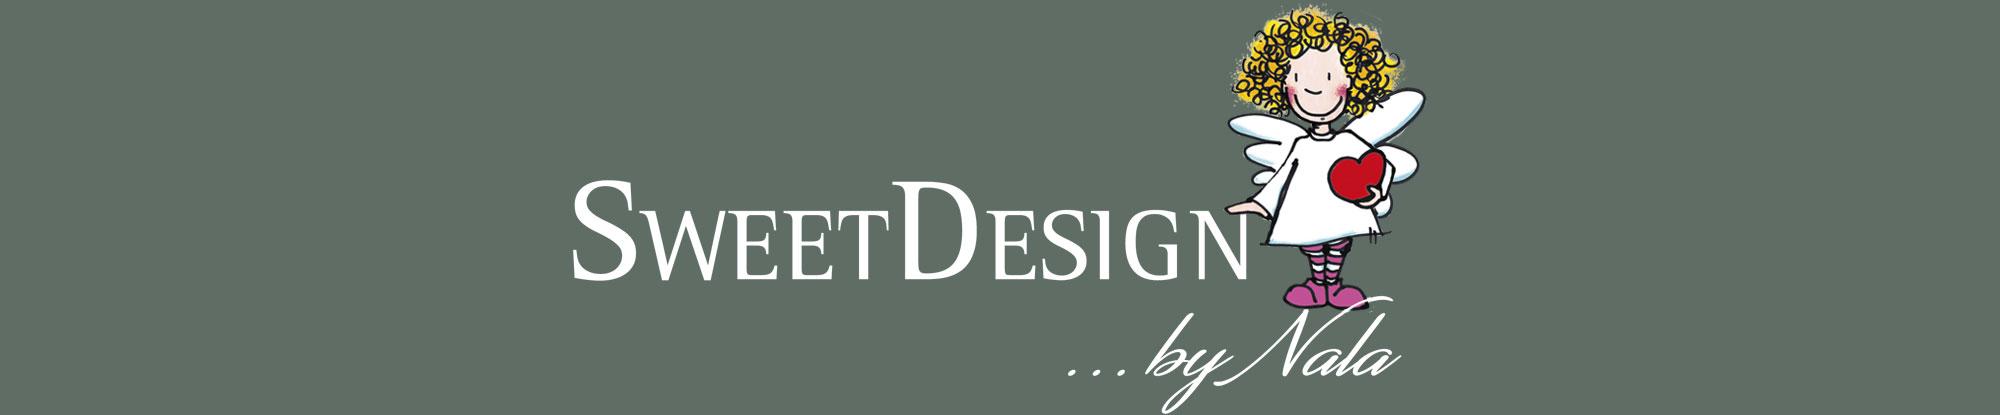 Sweet design by nala geschenkartikel haushaltswaren bilder